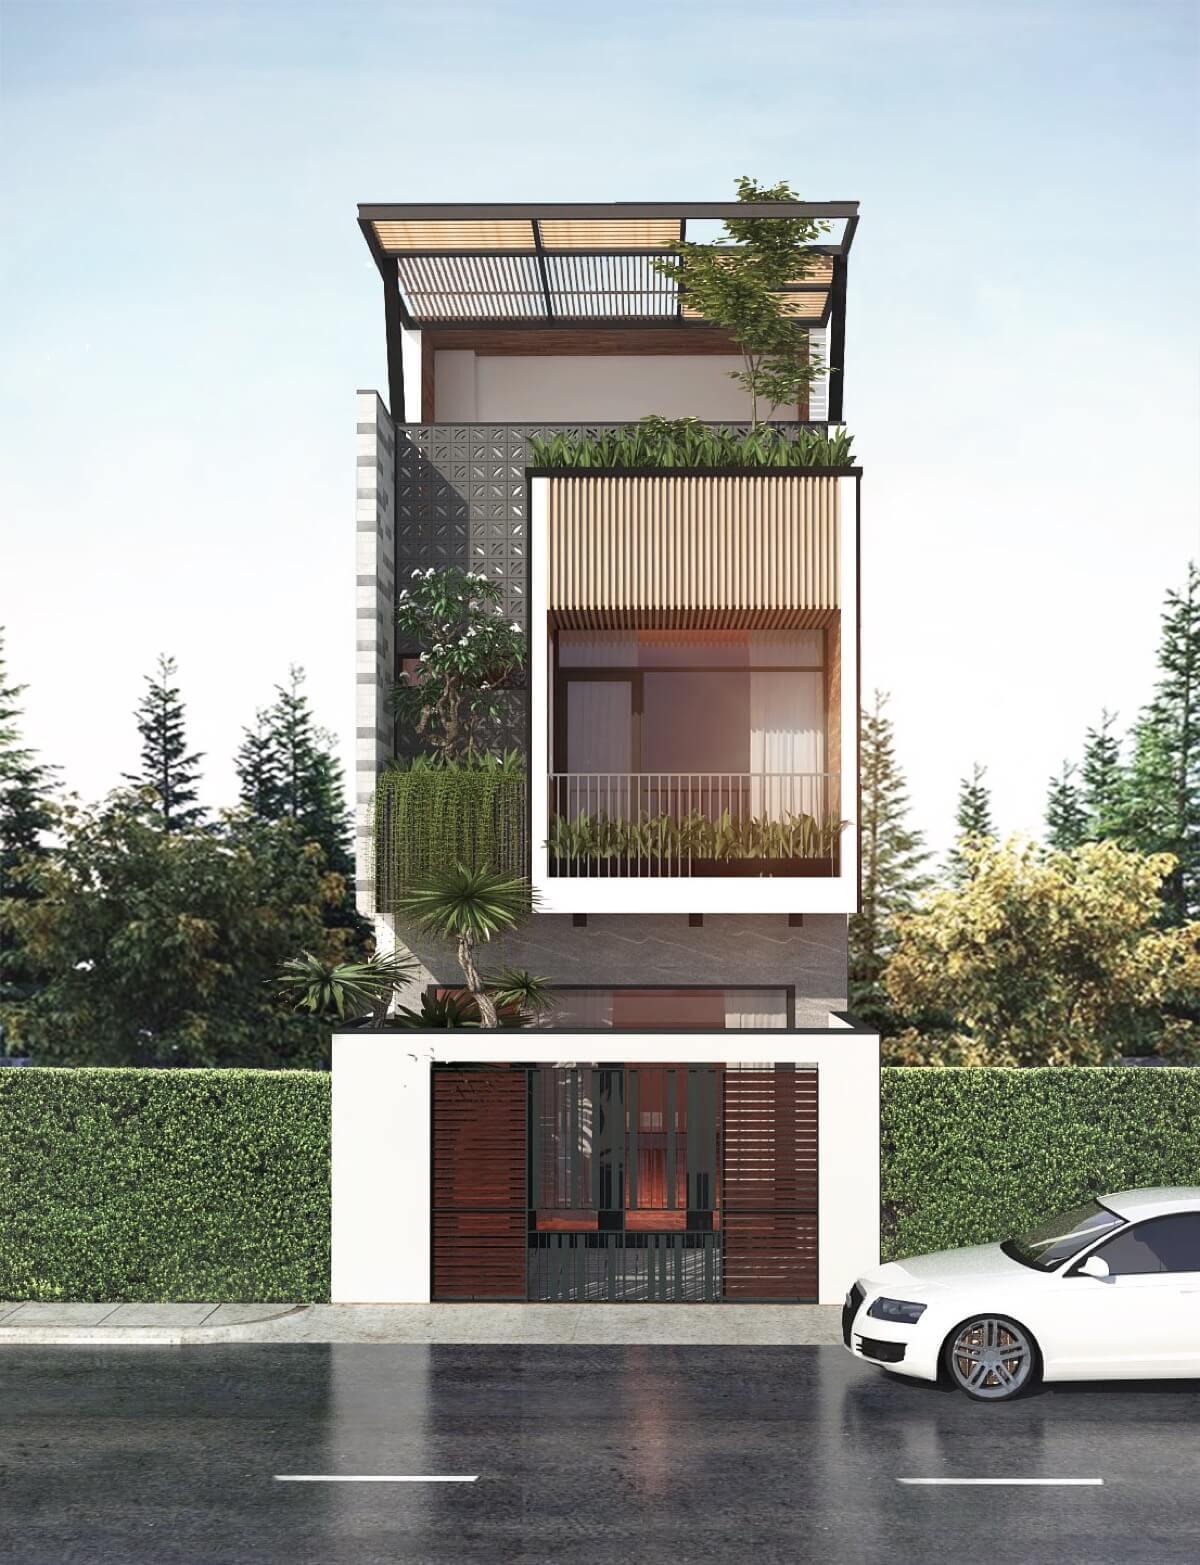 thiết kế mẫu nhà phố 3 tầng hiện đại gần gũi với thiên nhiên 1